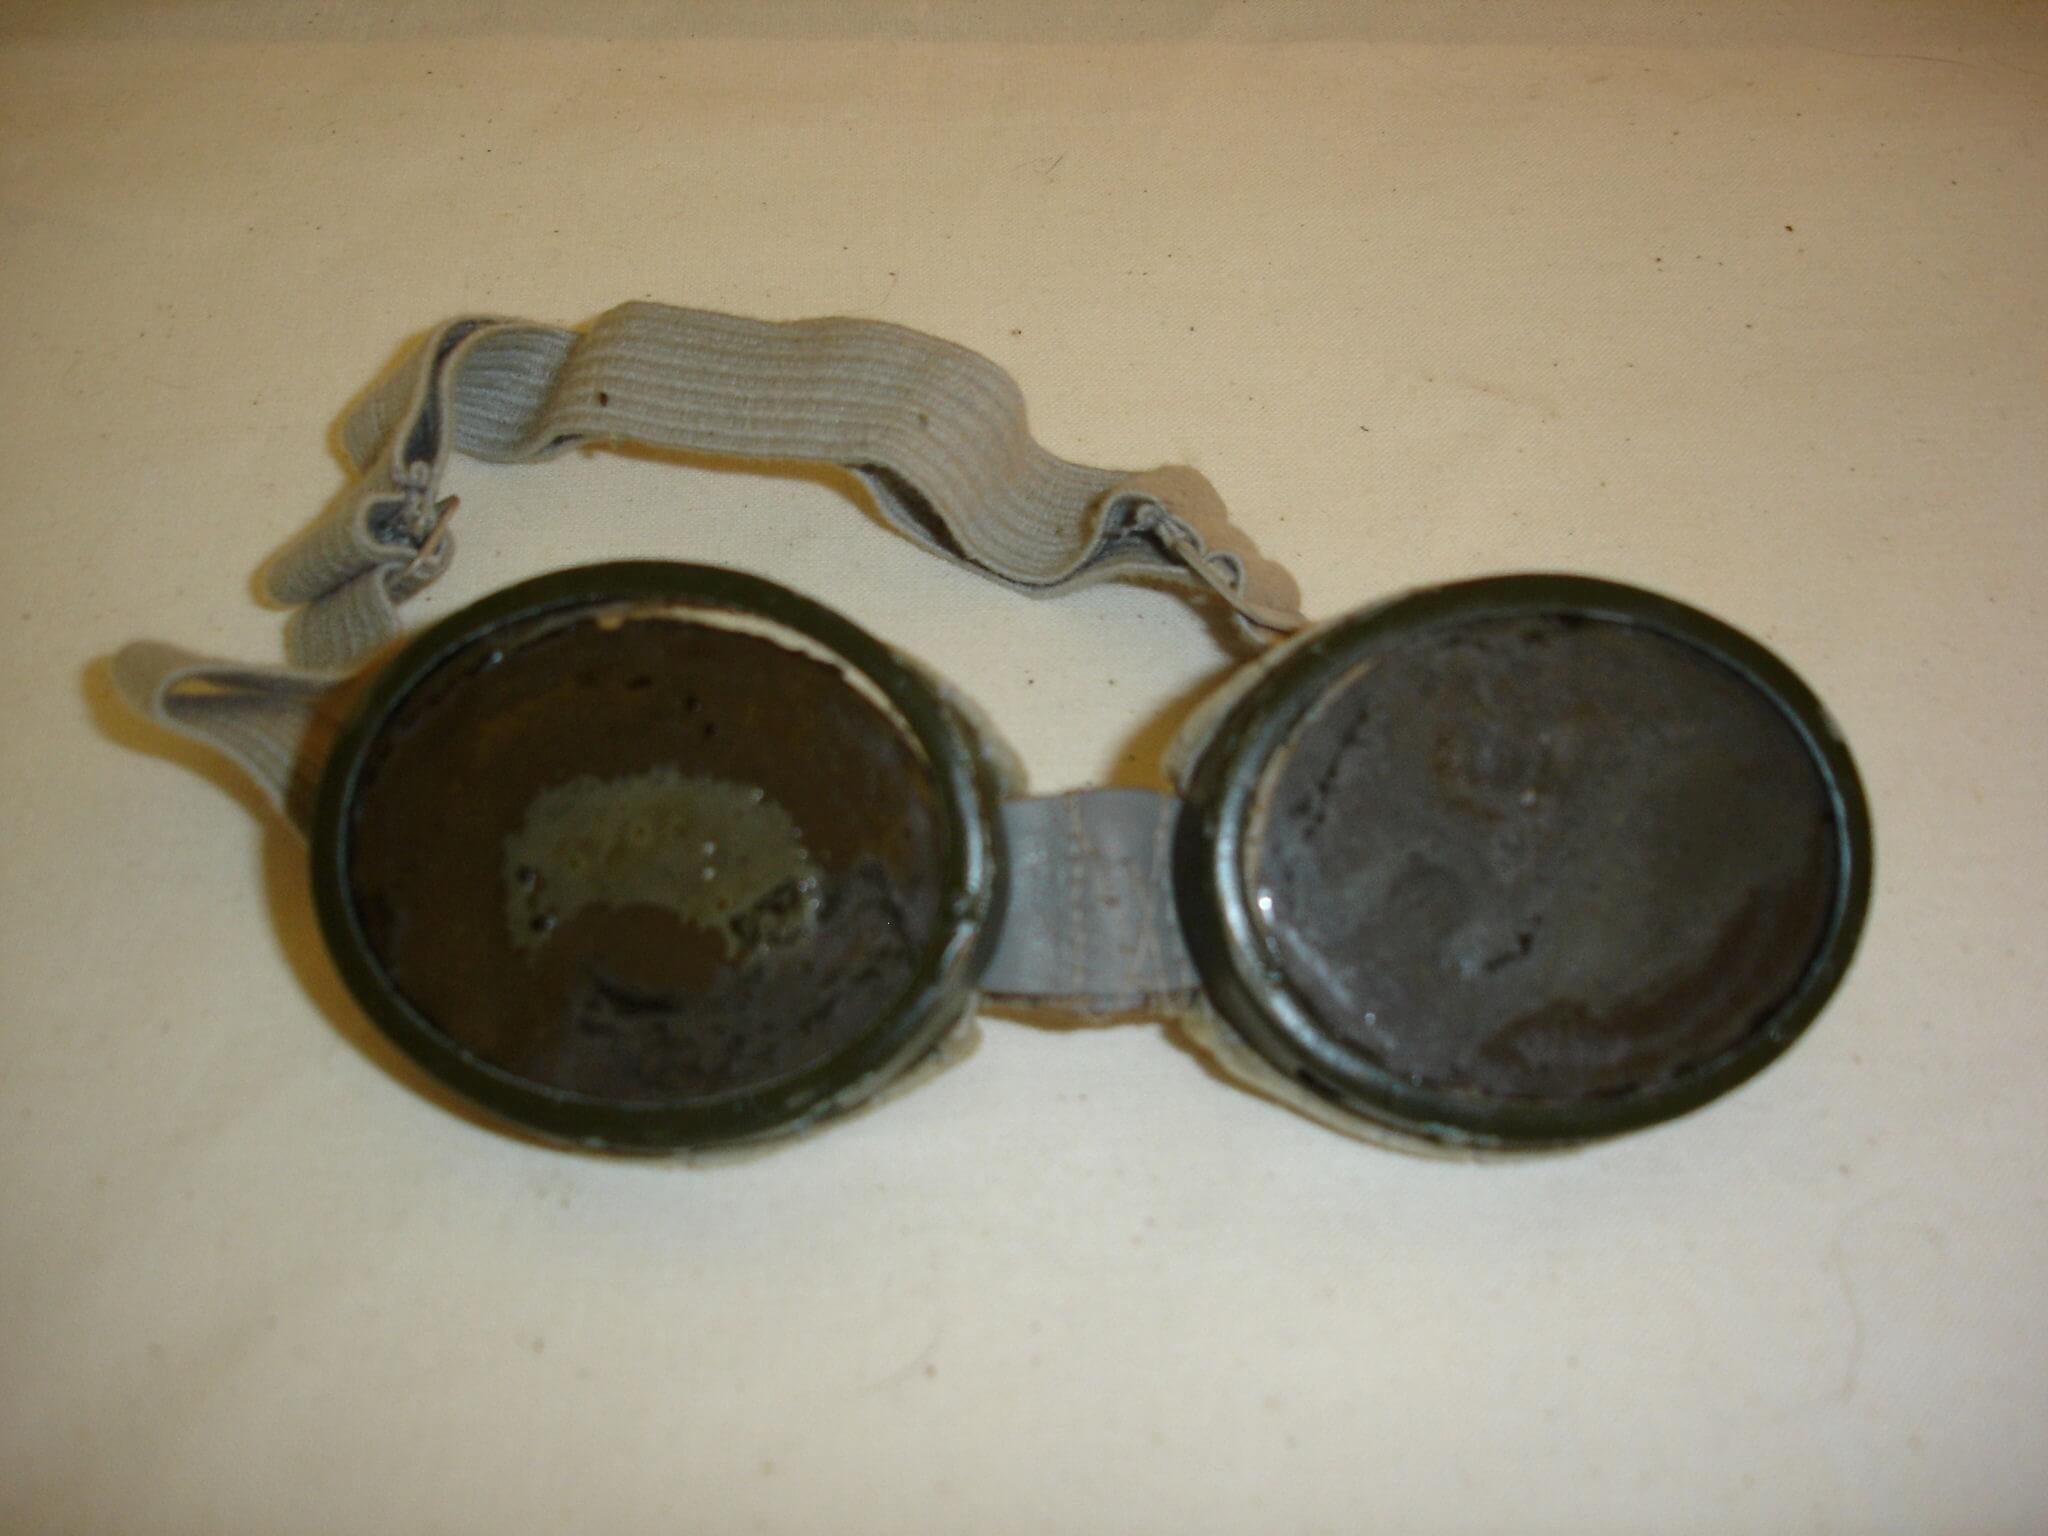 Duitse bril motorrijders uit de tweede wereldoorlog wo2